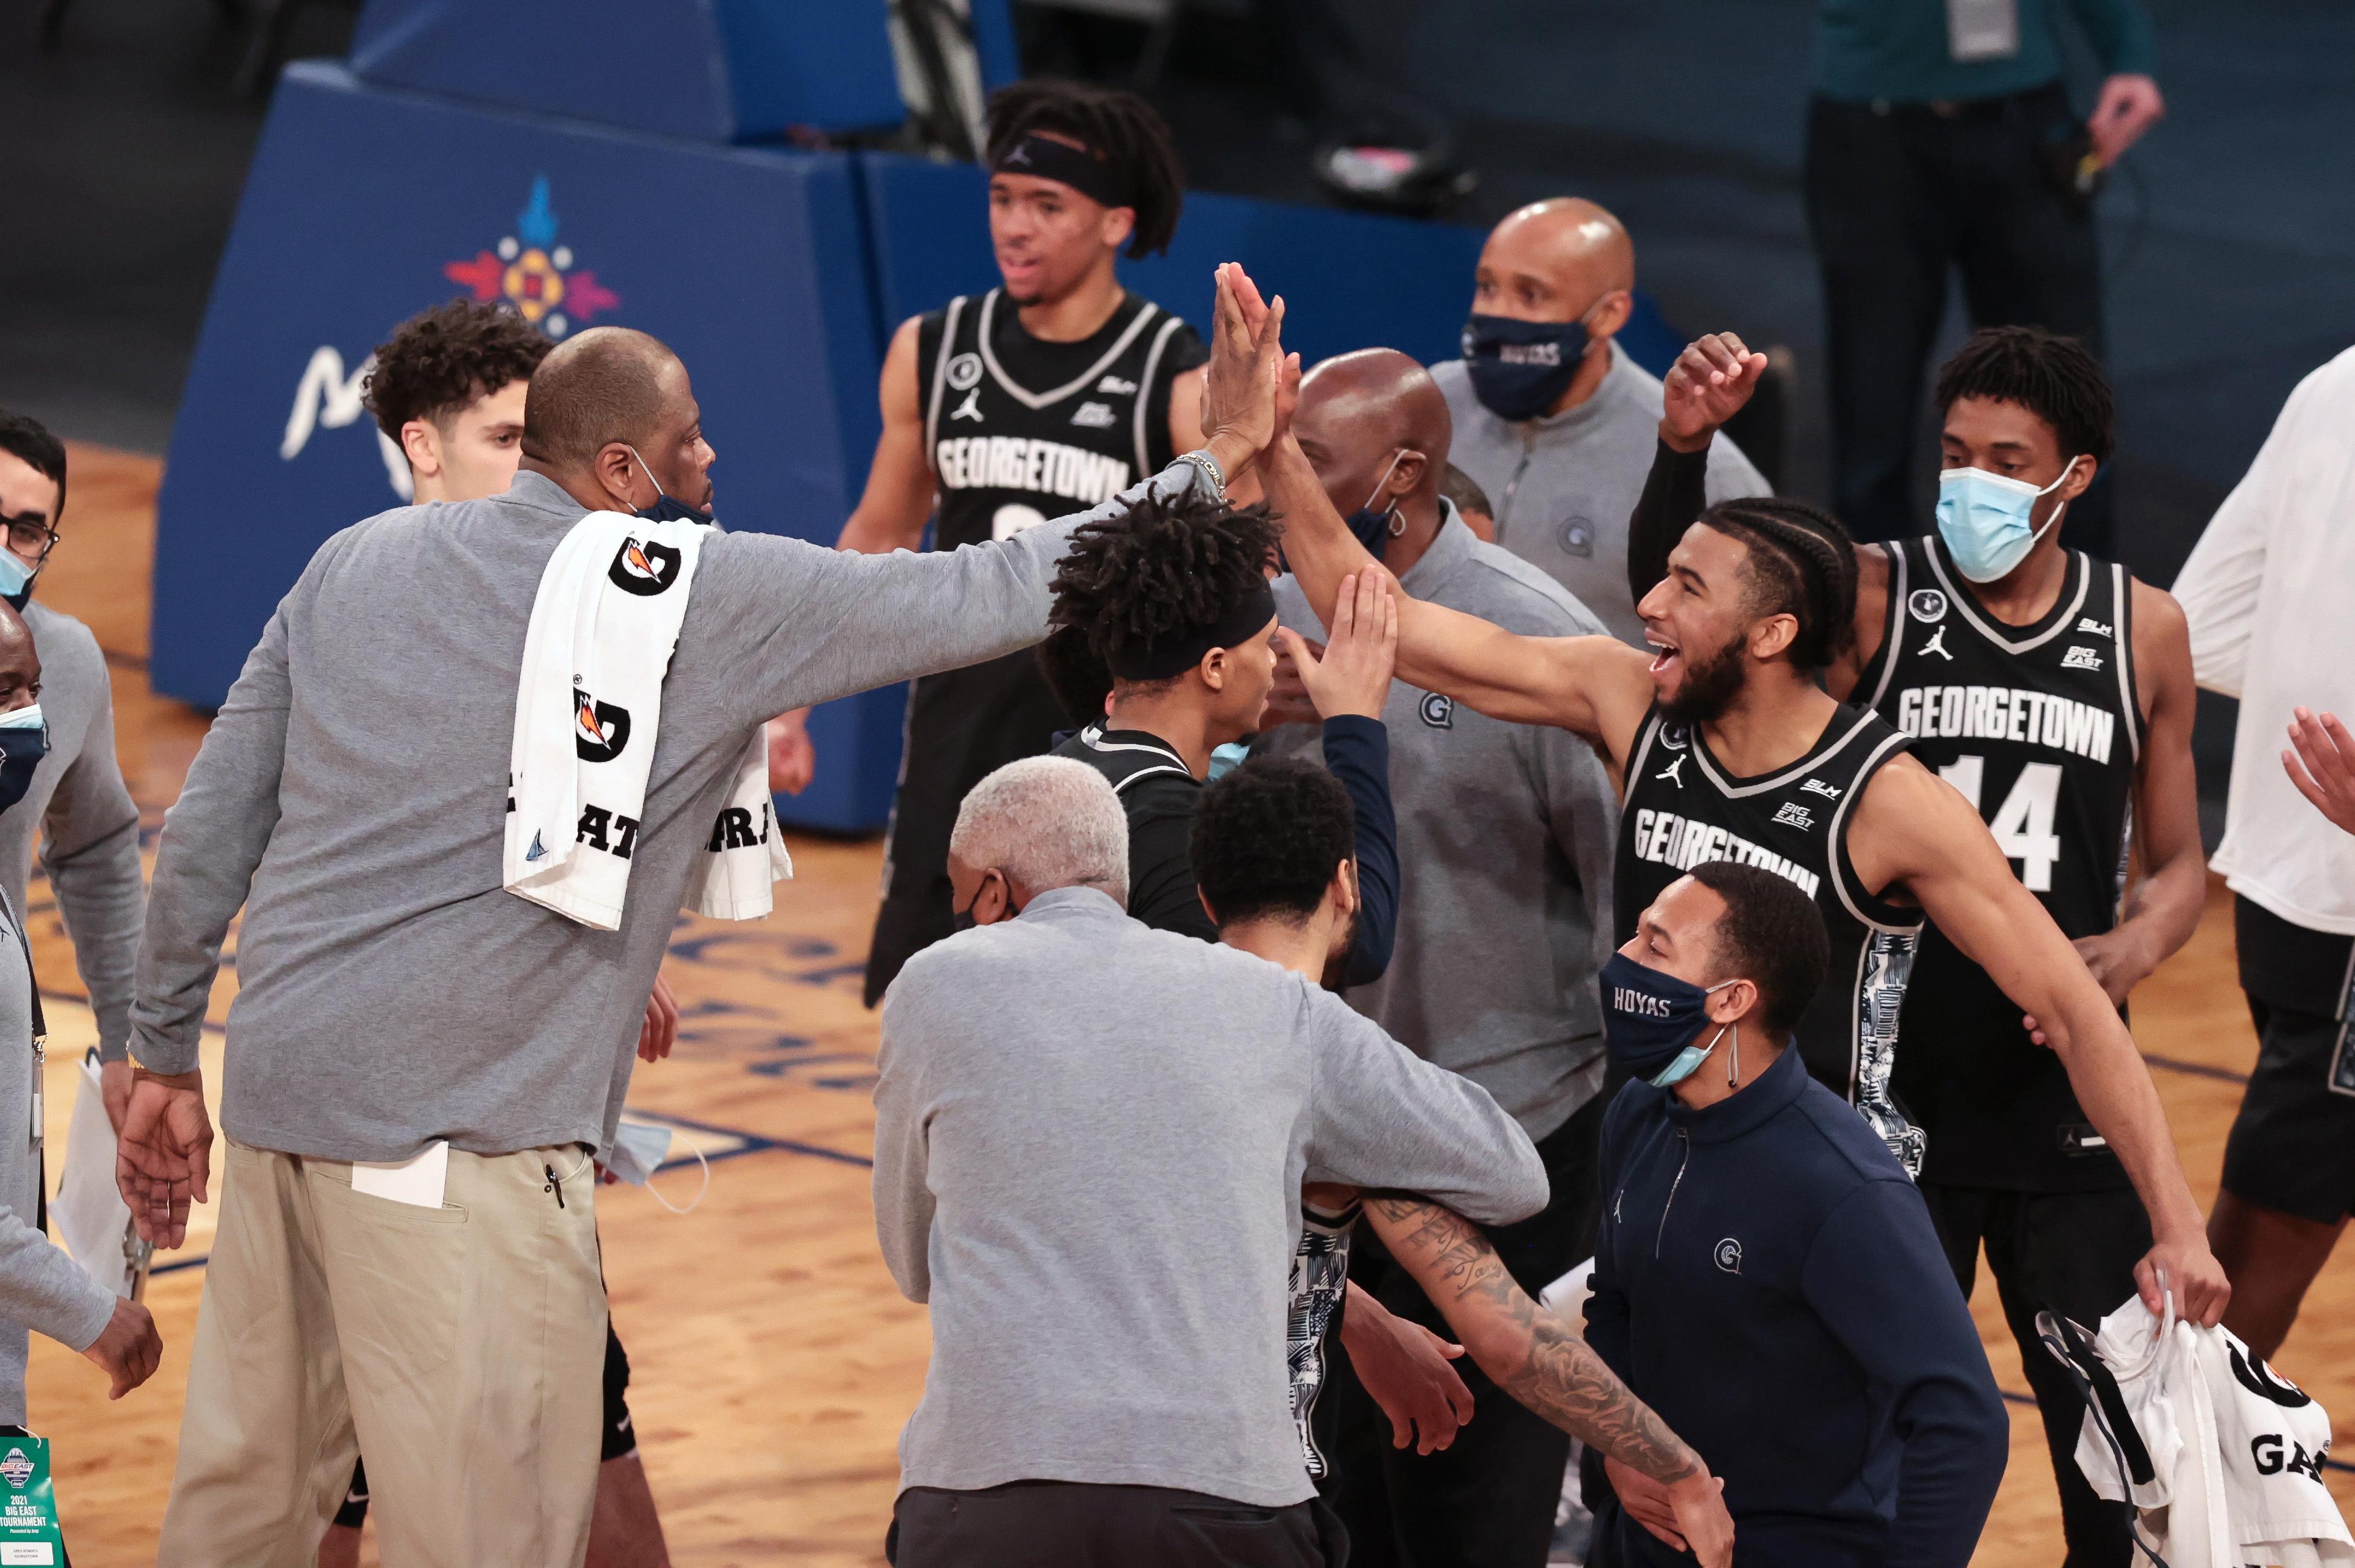 NCAA Basketball: Big East Conference Tournament-Seton Hall vs Georgetown